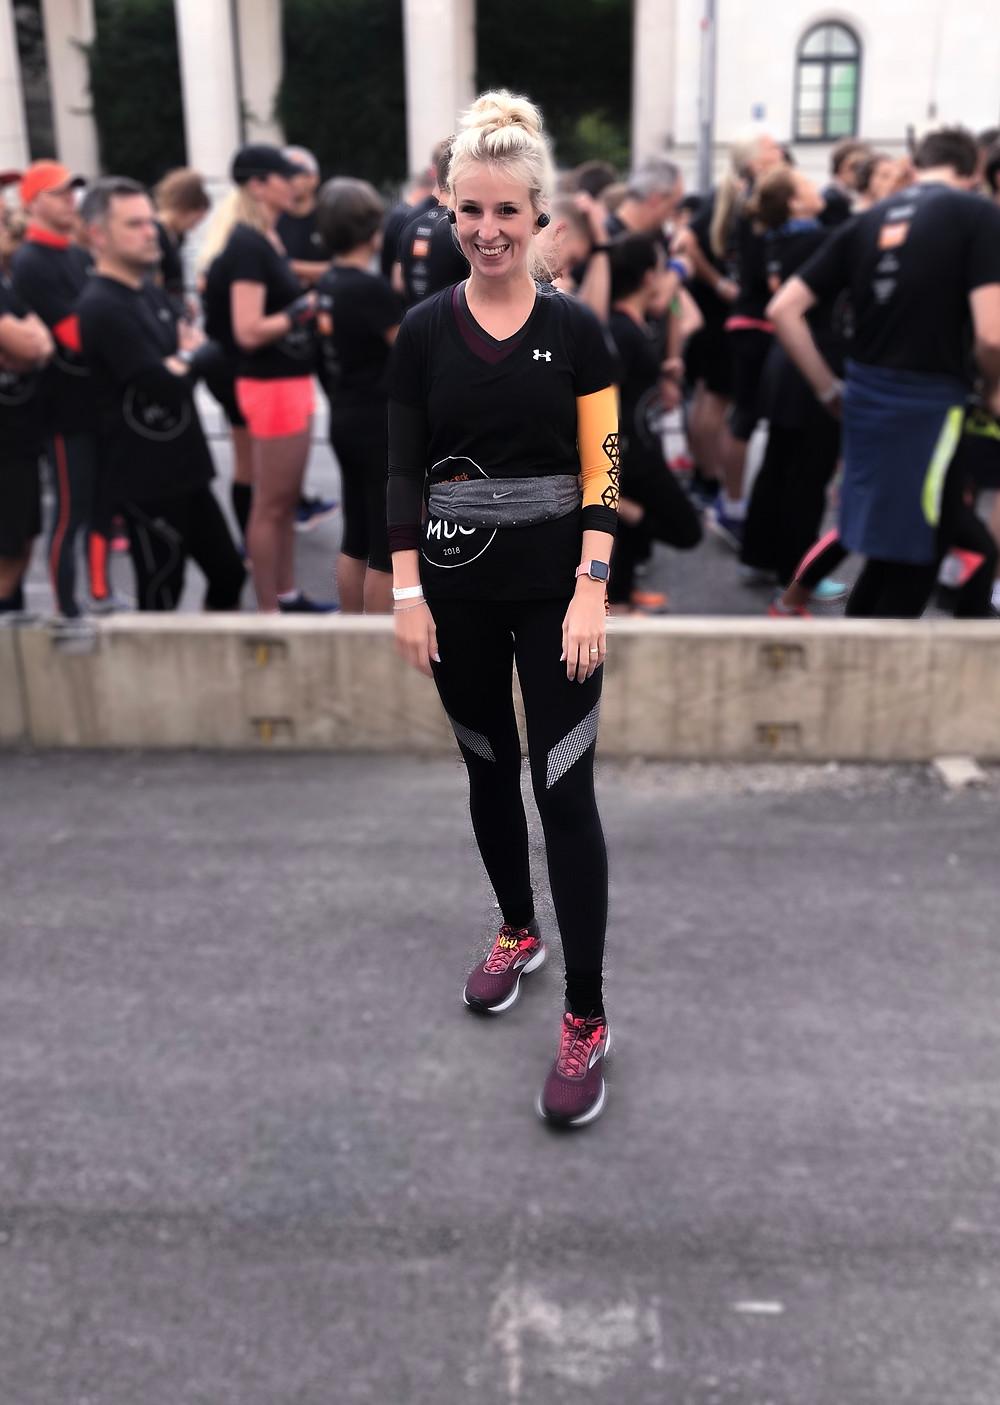 halbmarathon-münchen-start